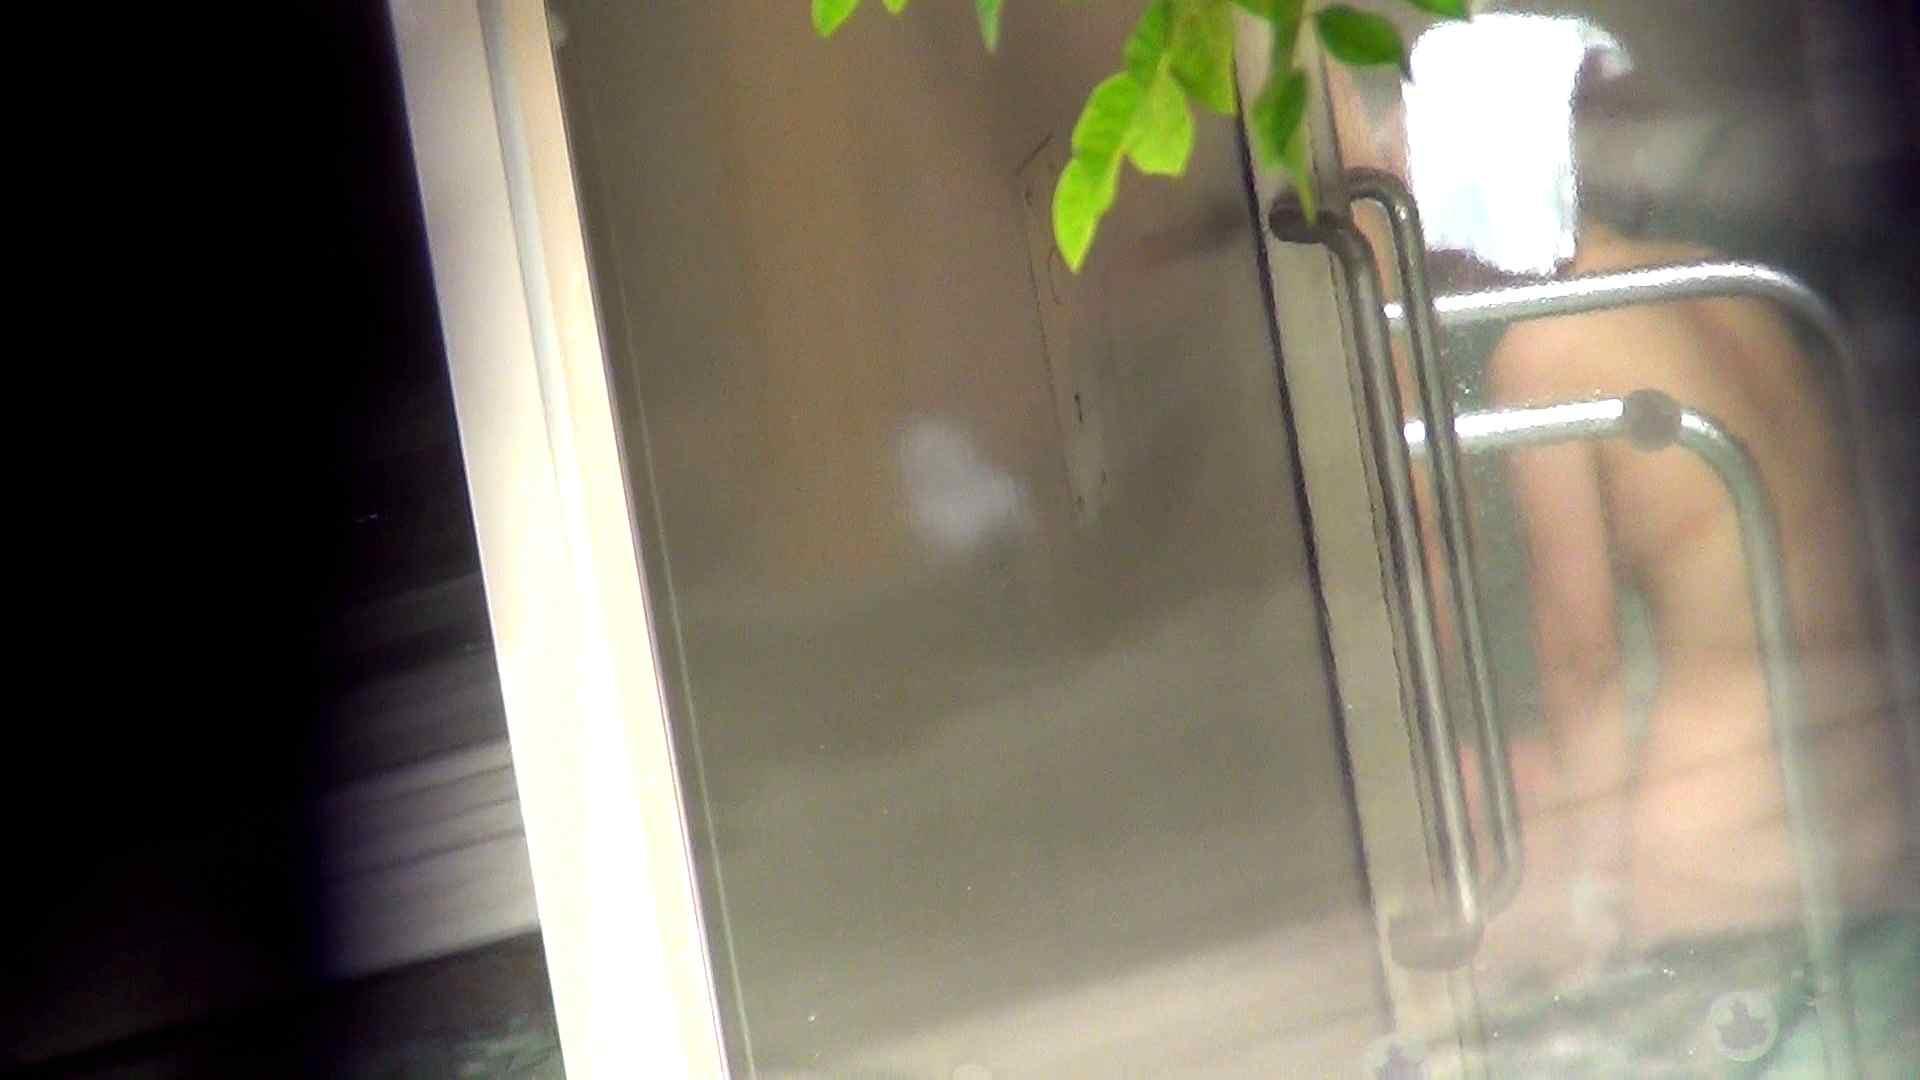 Aquaな露天風呂Vol.292 美しいOLの裸体   盗撮師作品  81pic 10